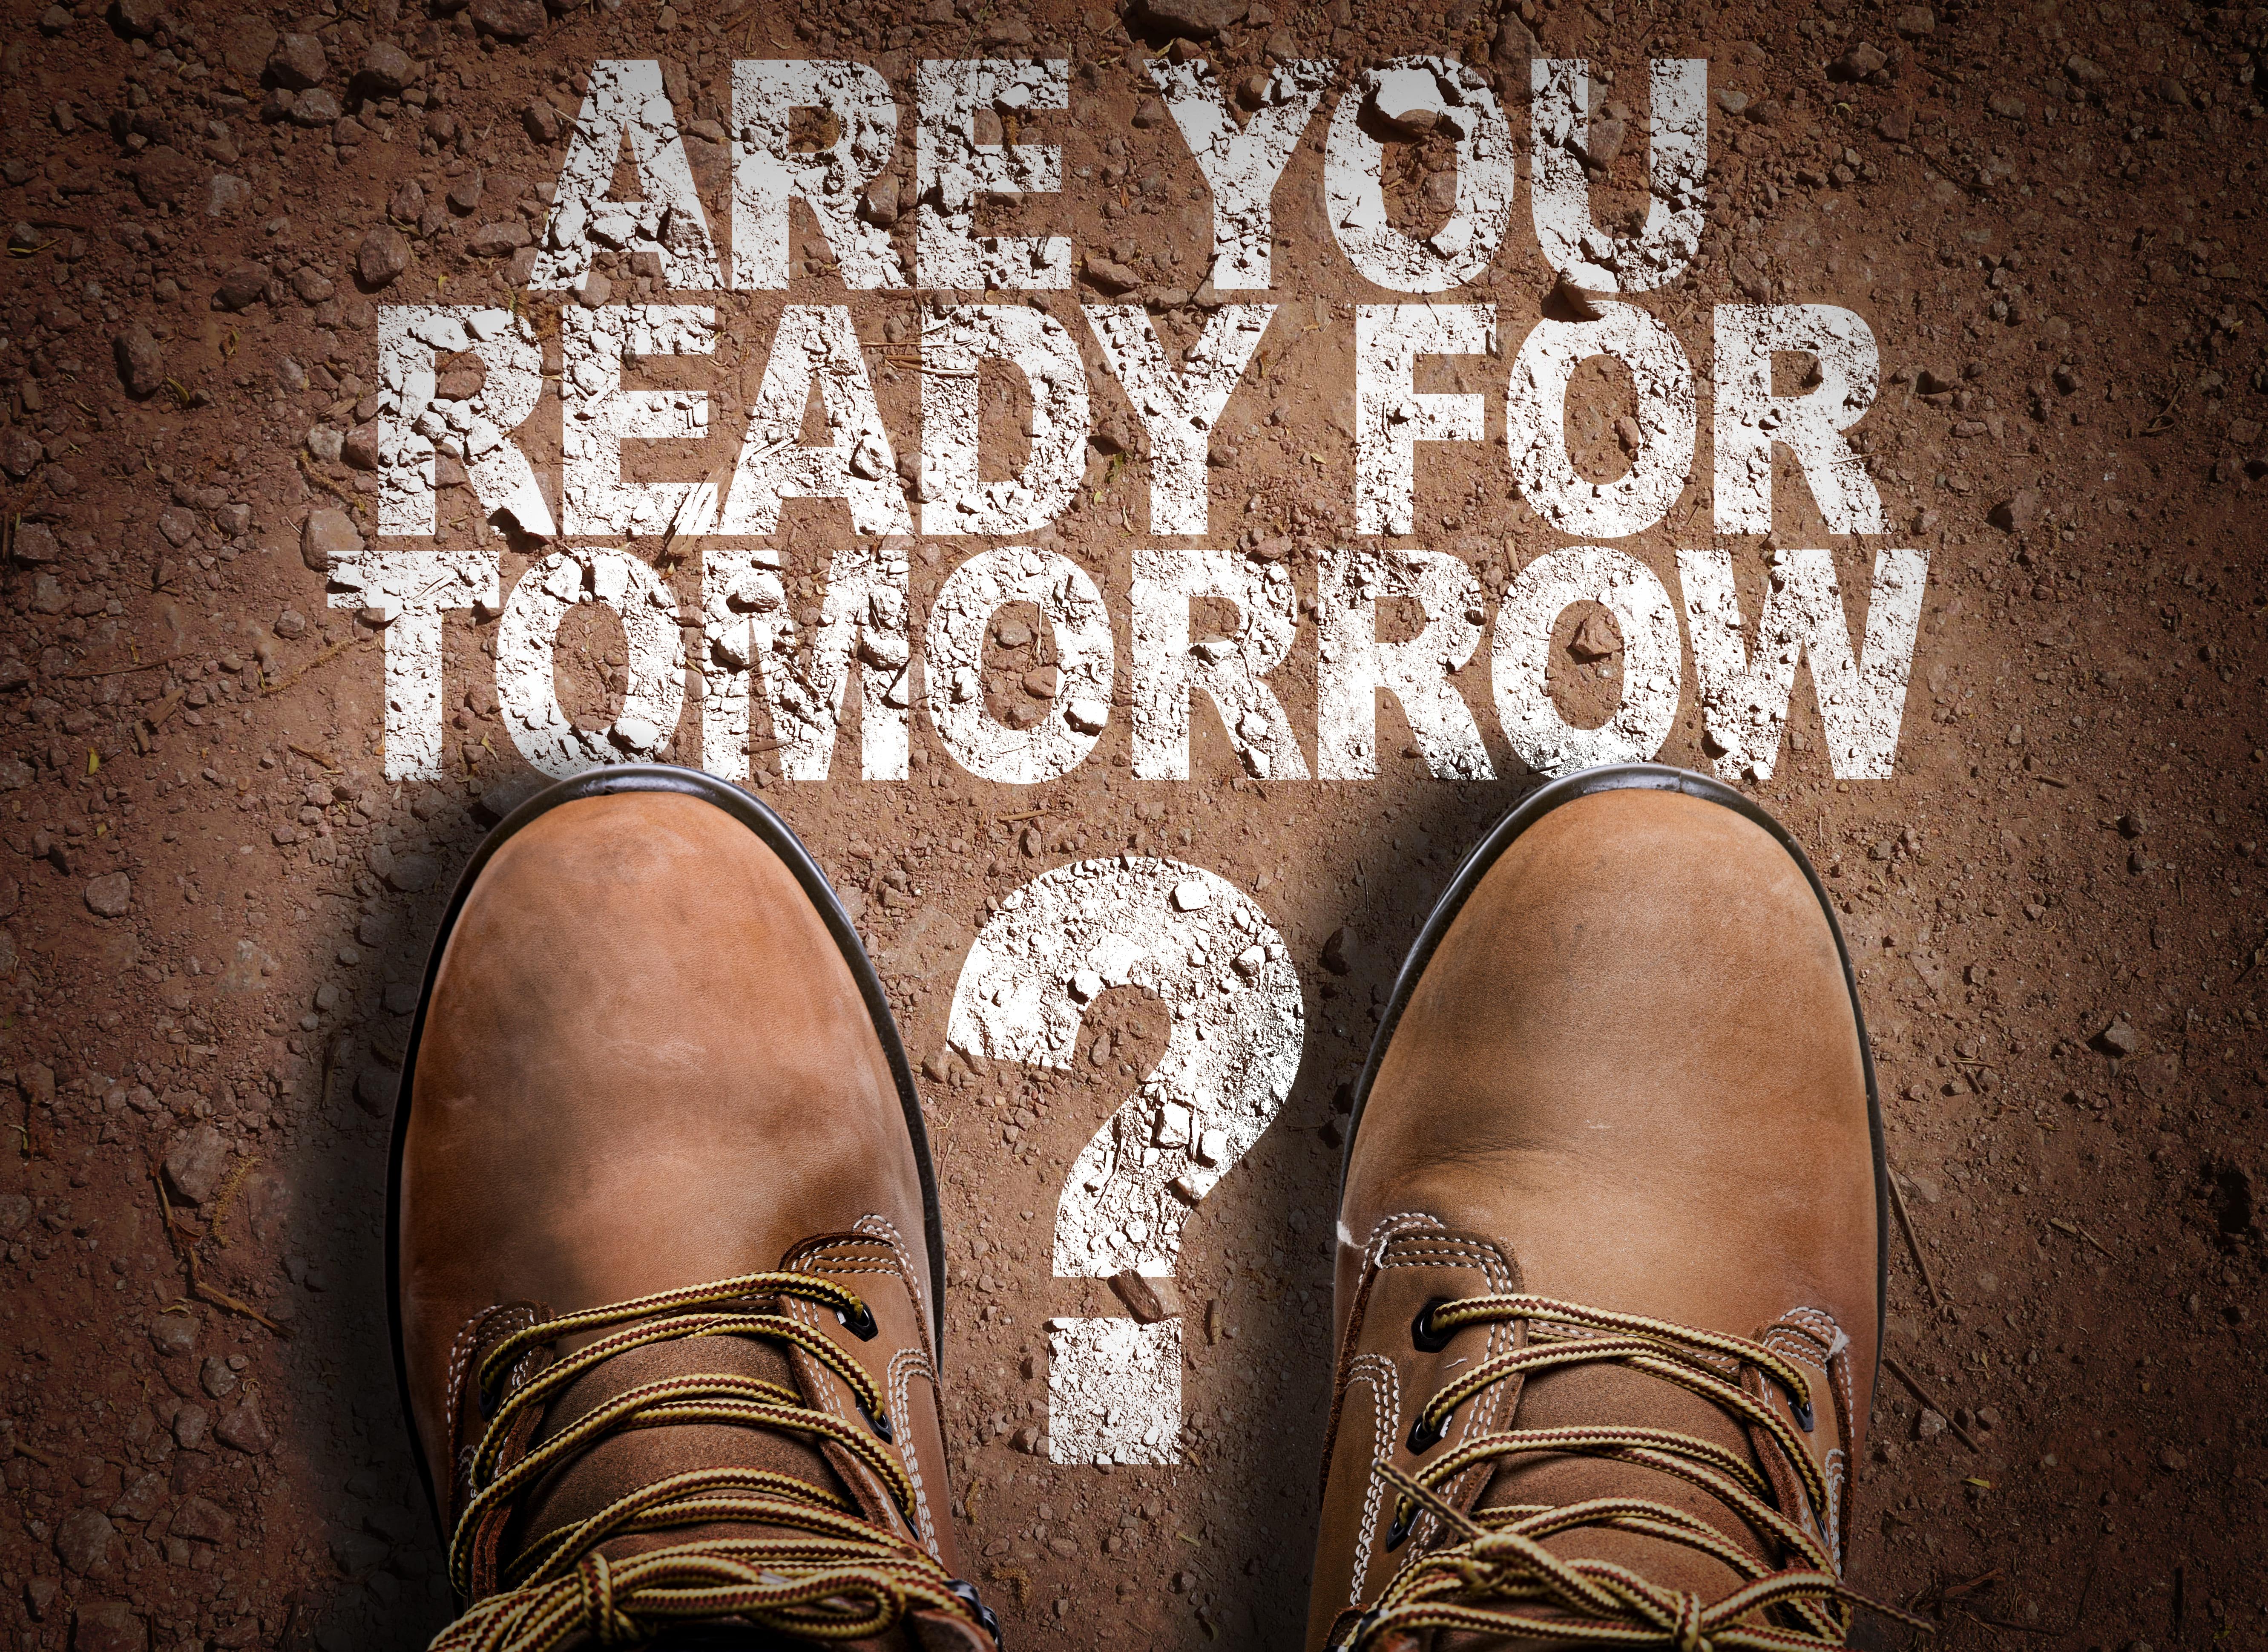 Imagem que contém a frase você está preparado para amanhã para remeter ao texto que auxilia o empreendedor a fazer uma boa sucessão empresarial